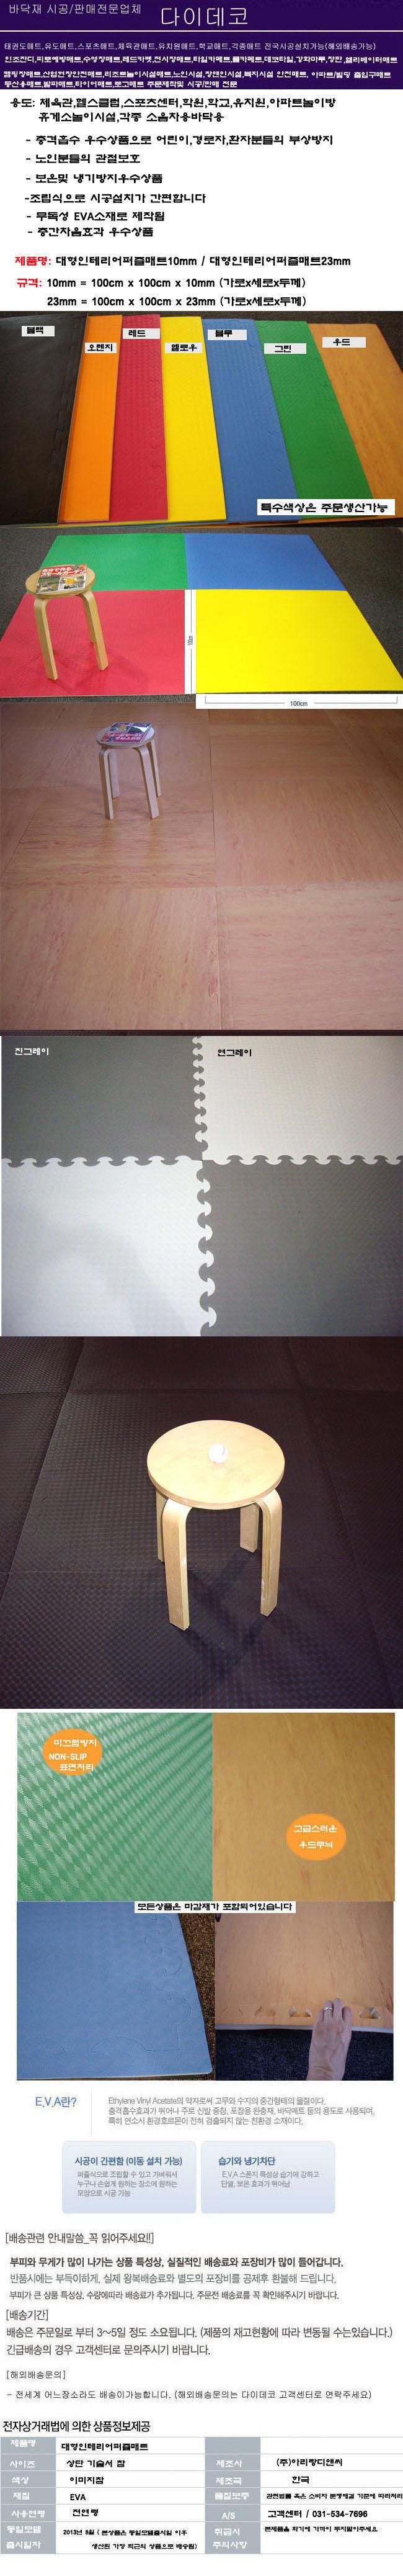 대형인테리어퍼즐매트10mm(100x100)1p-블랙 - 디아이와이데코, 16,000원, 장식/부자재, 바닥장식